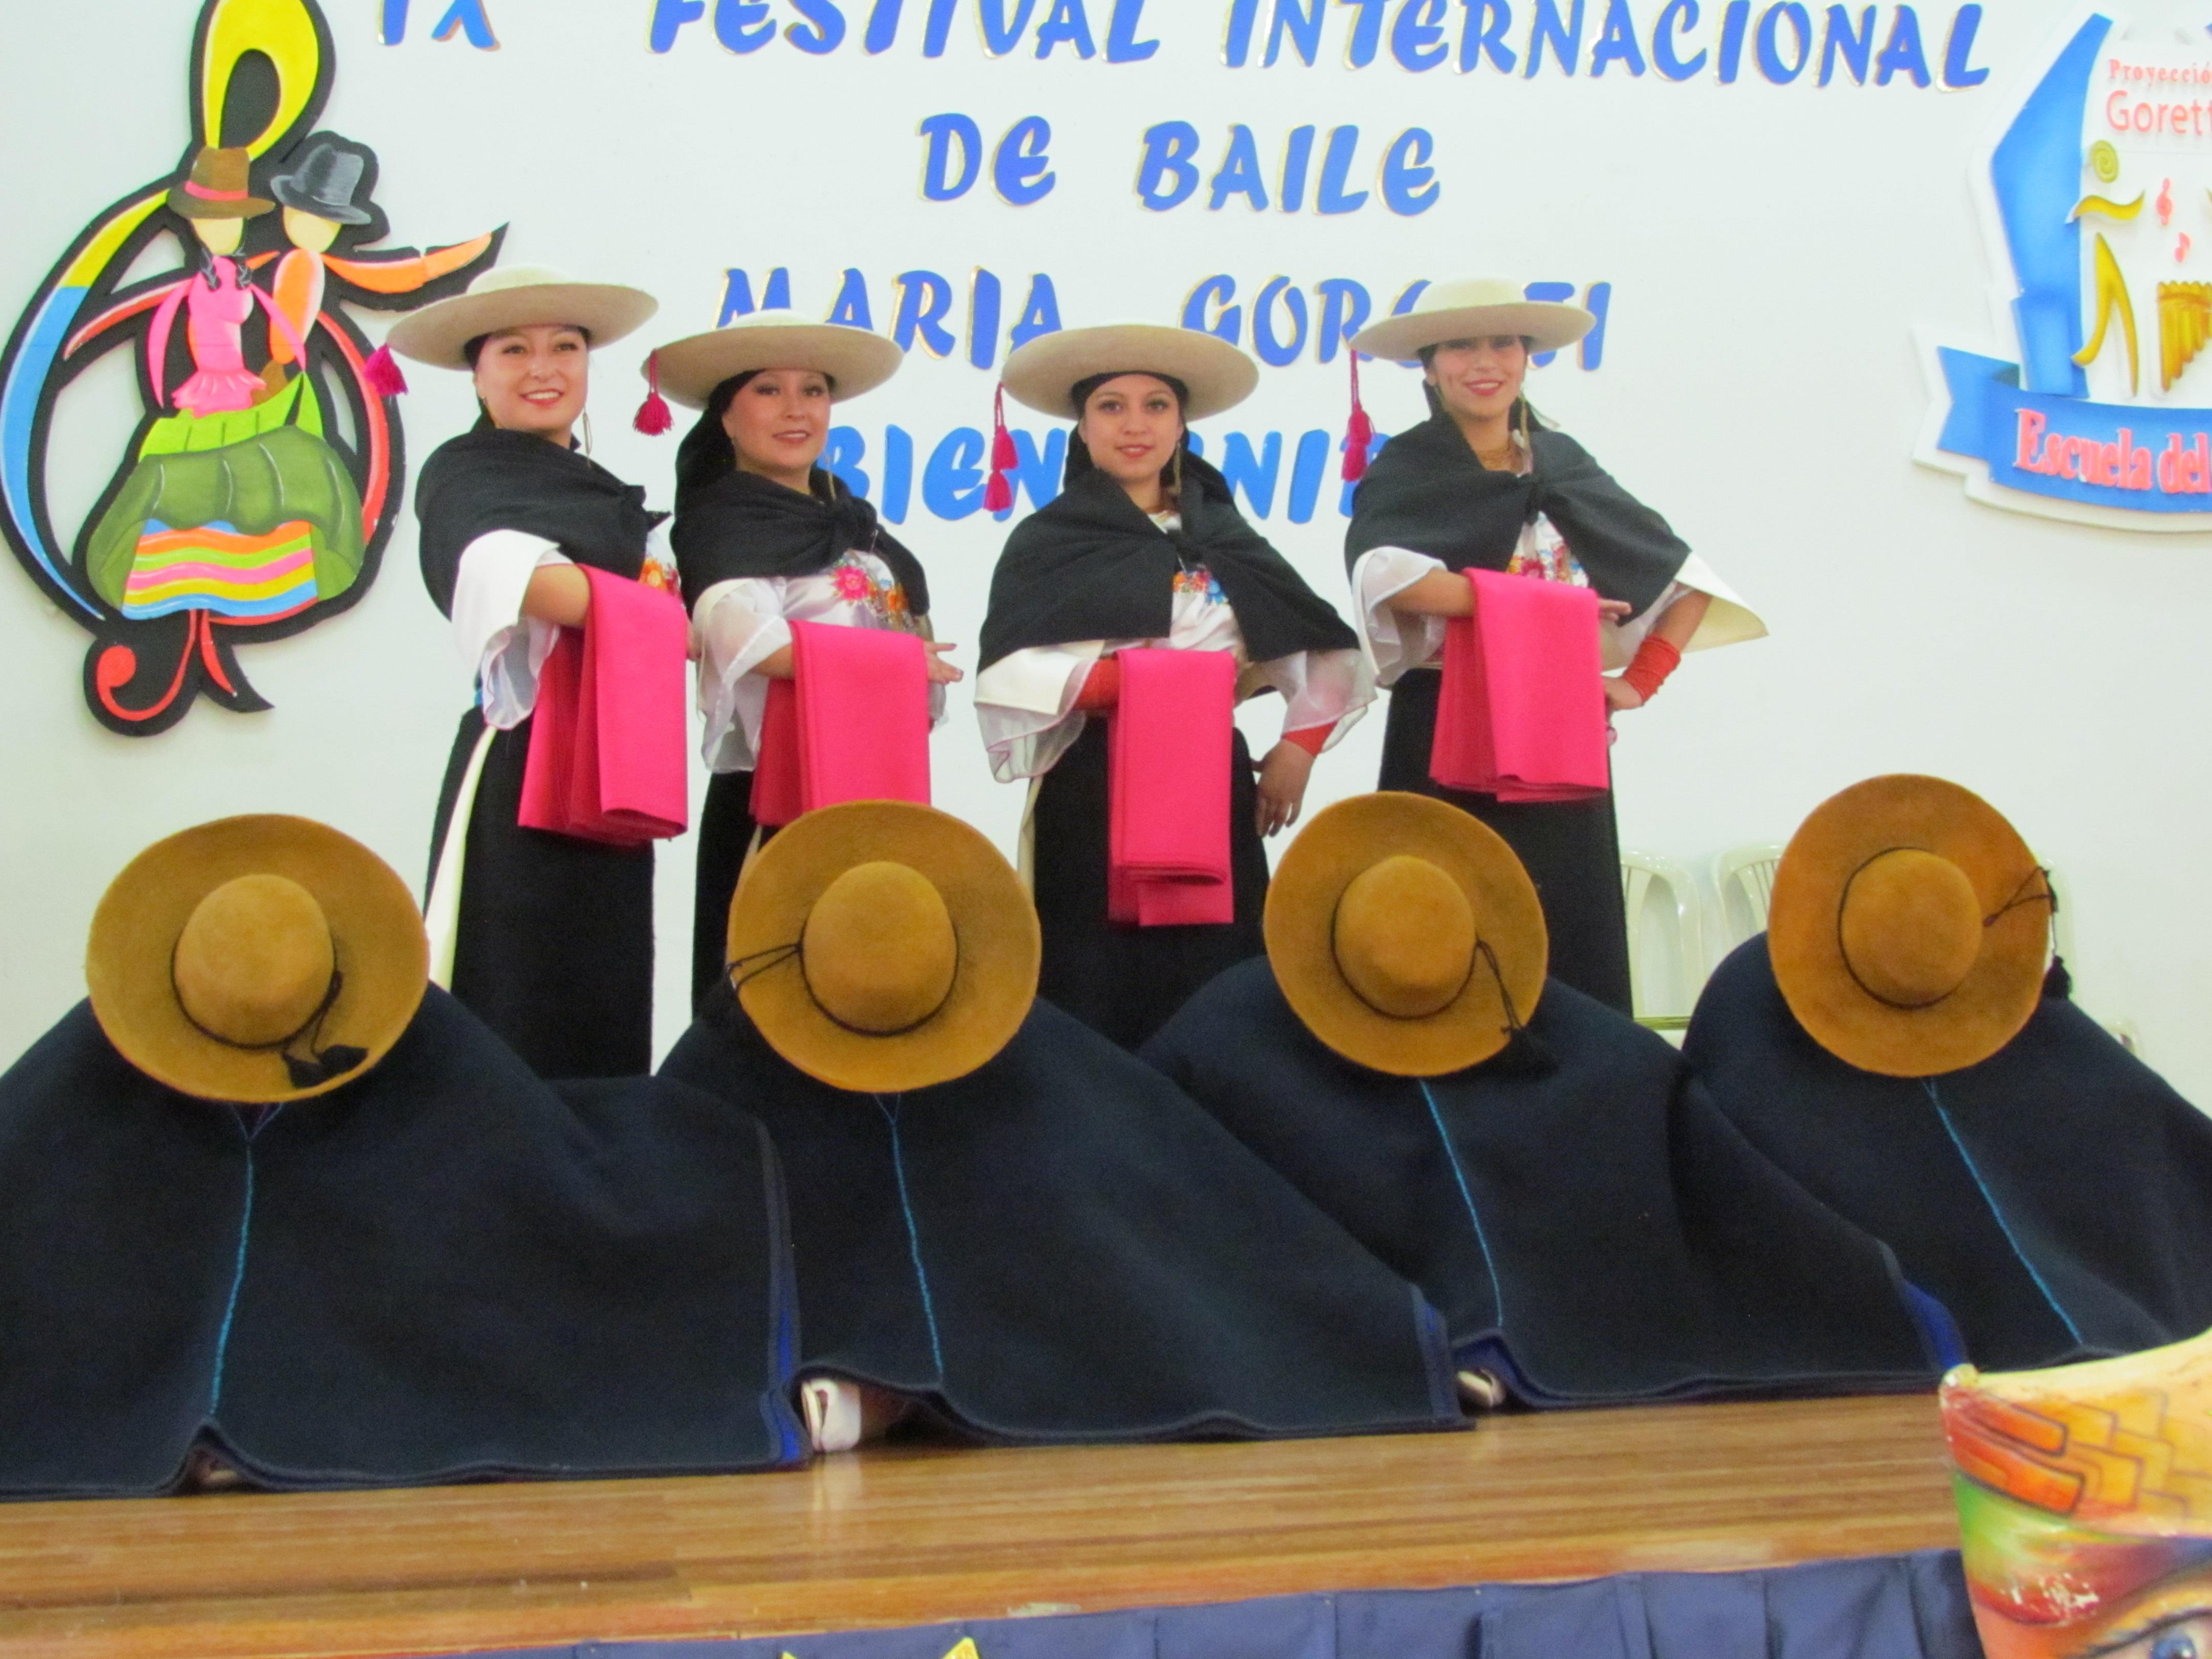 Representantivo de Ecuador